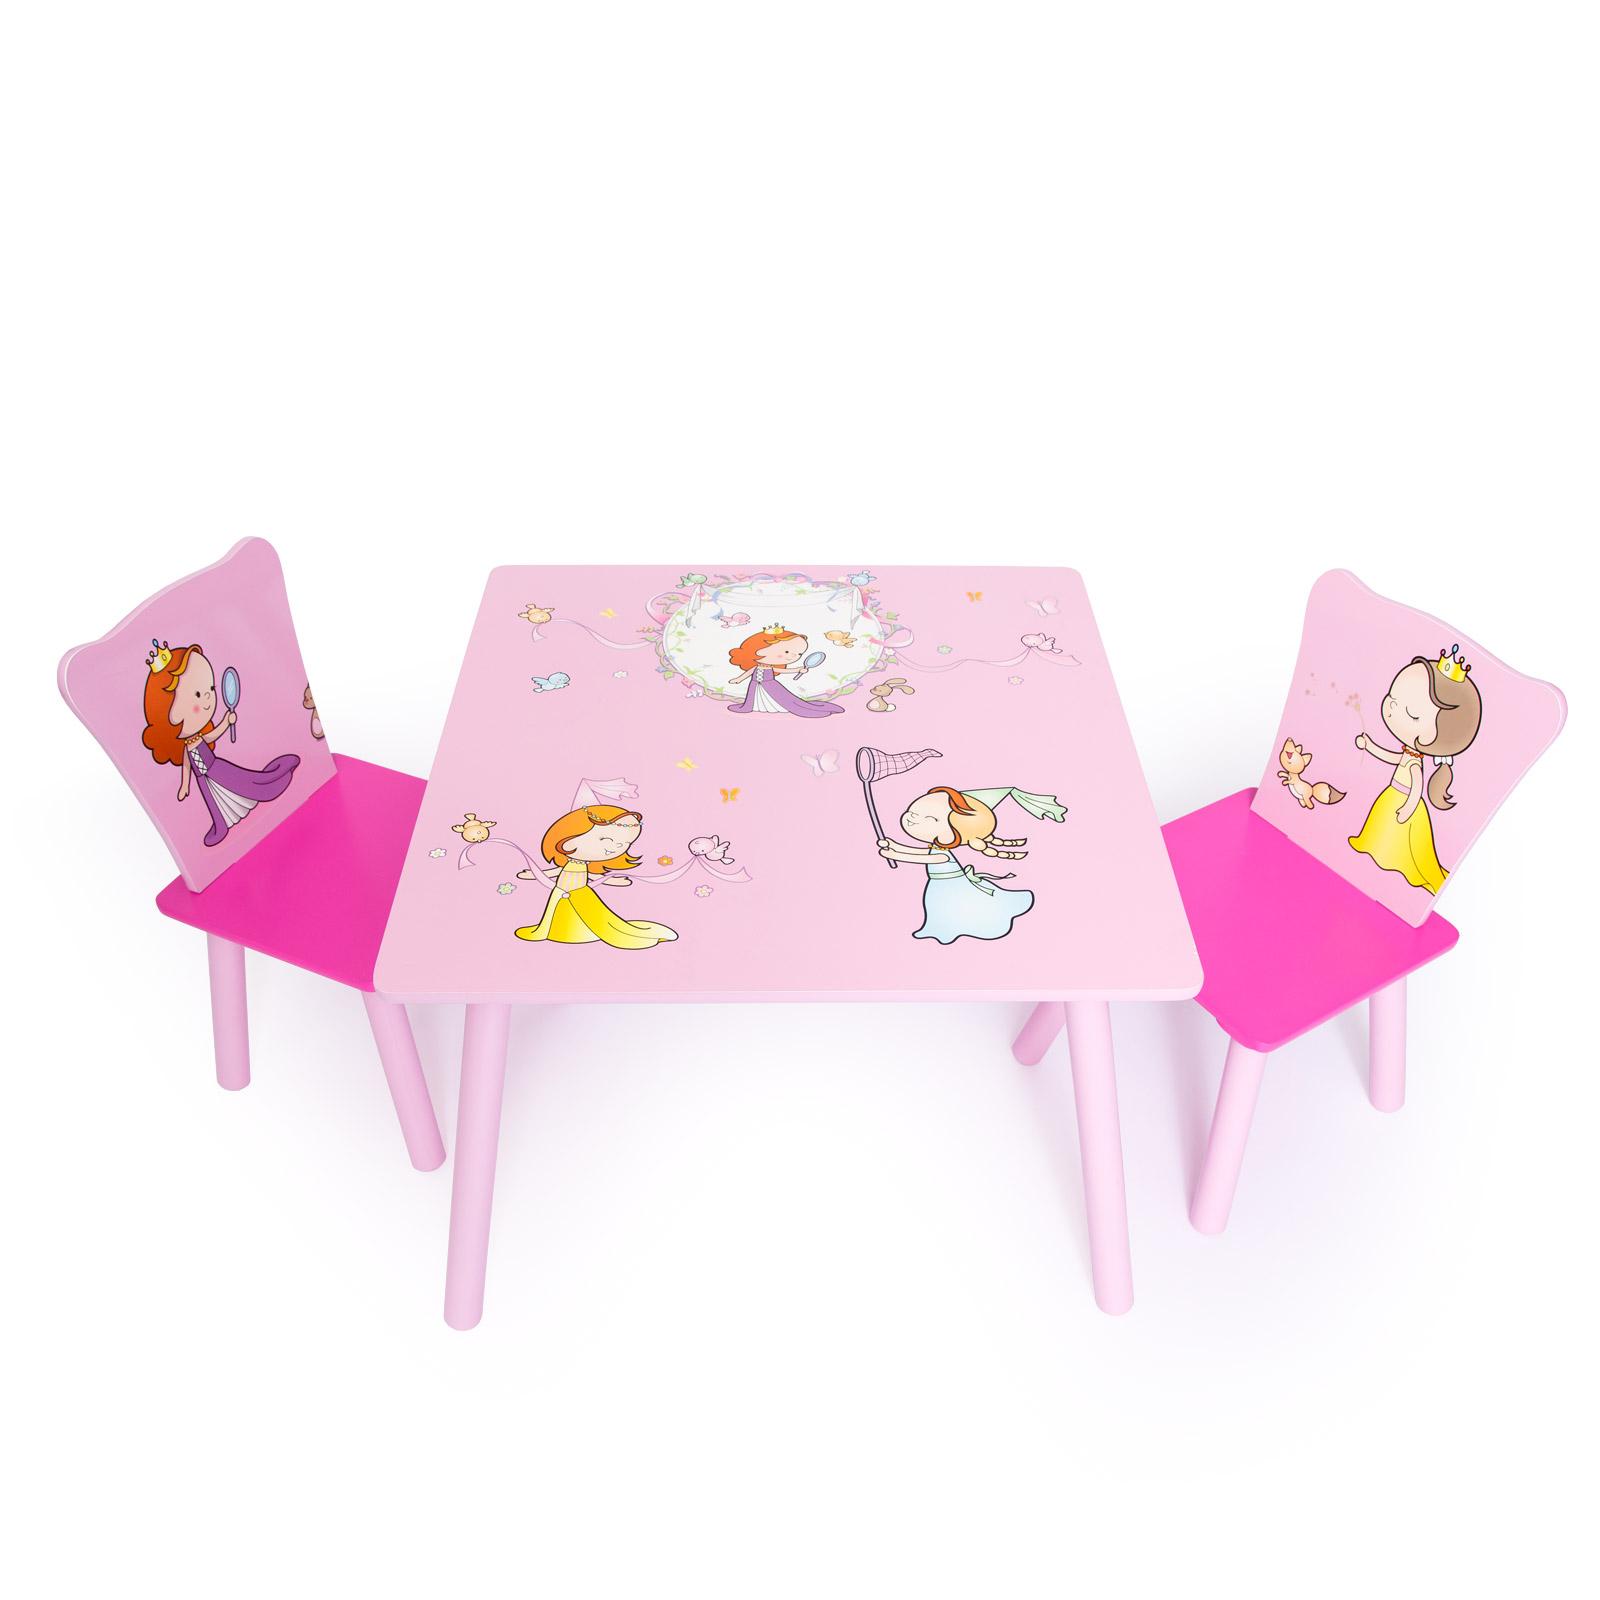 b0ab3ee98801 Home style 4 you Detský stôl so stoličkami Princezné